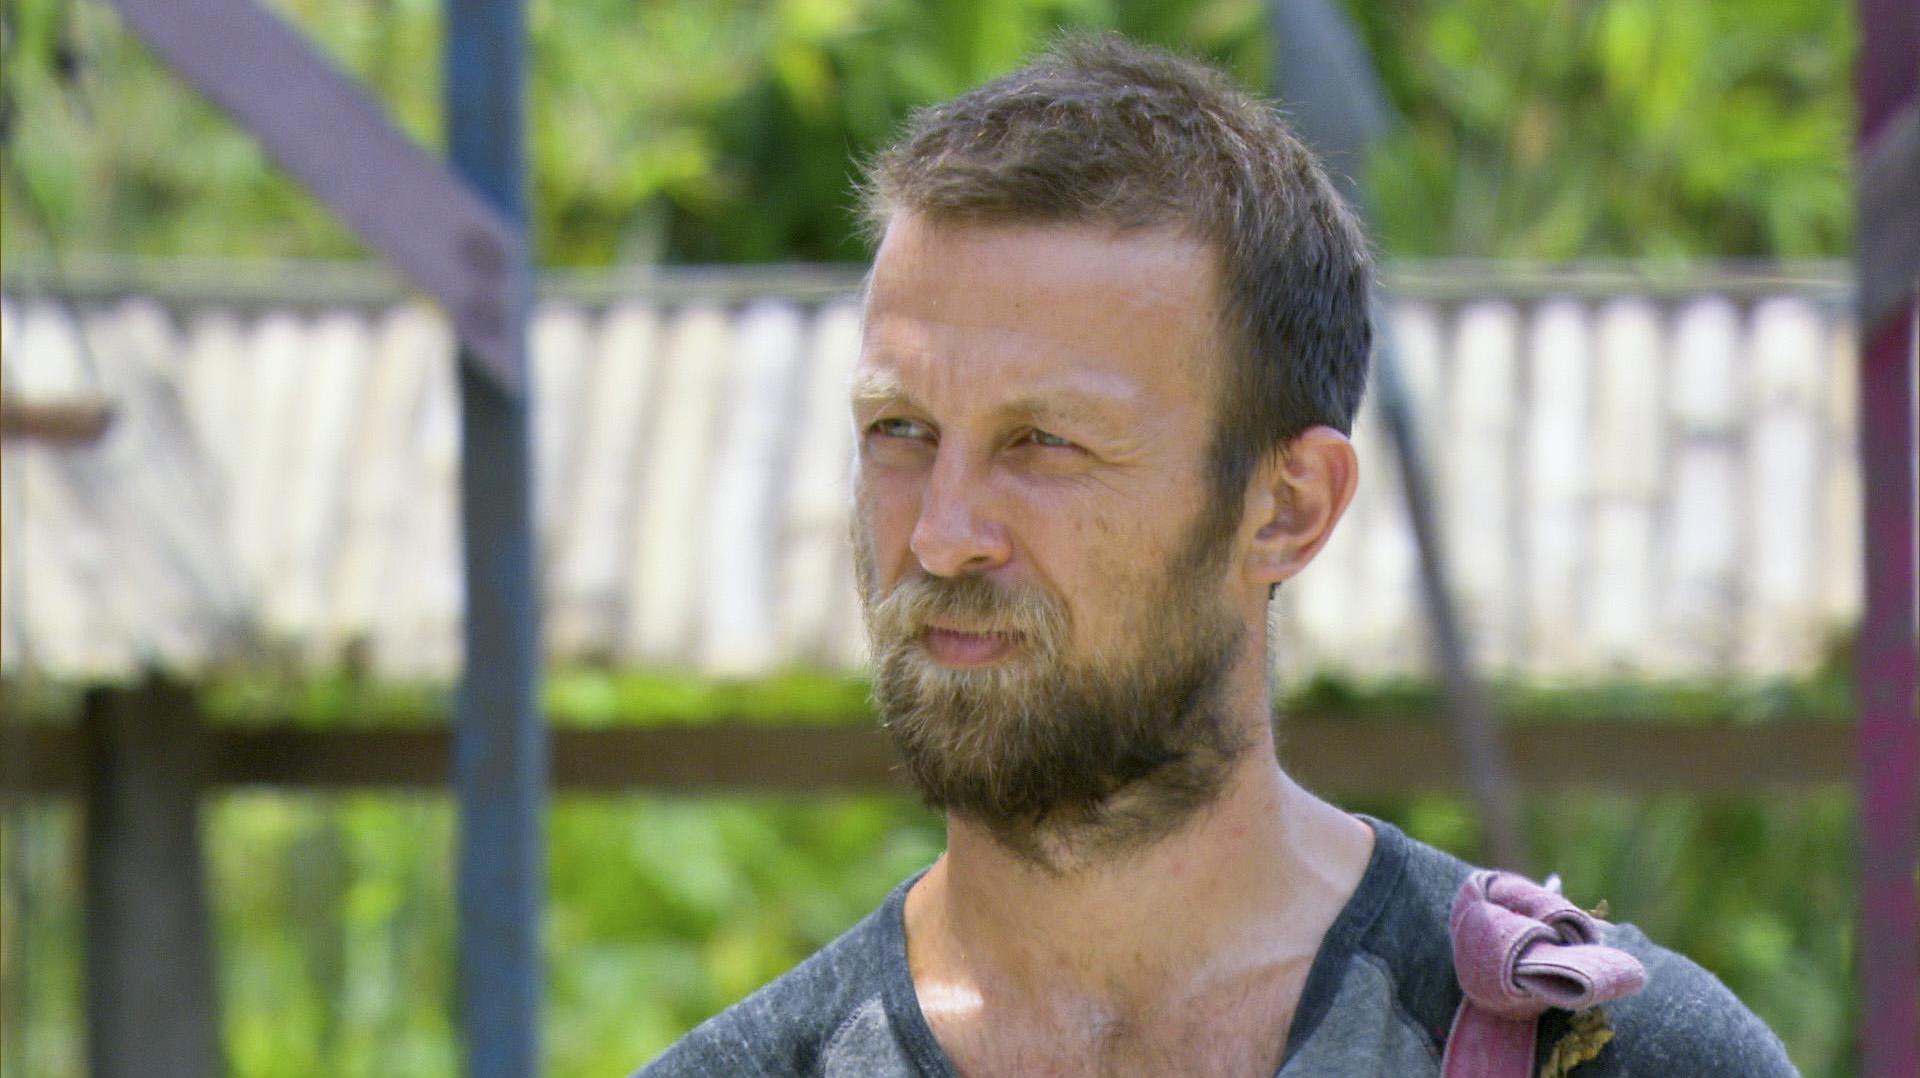 Vytas in Season 27 Episode 10